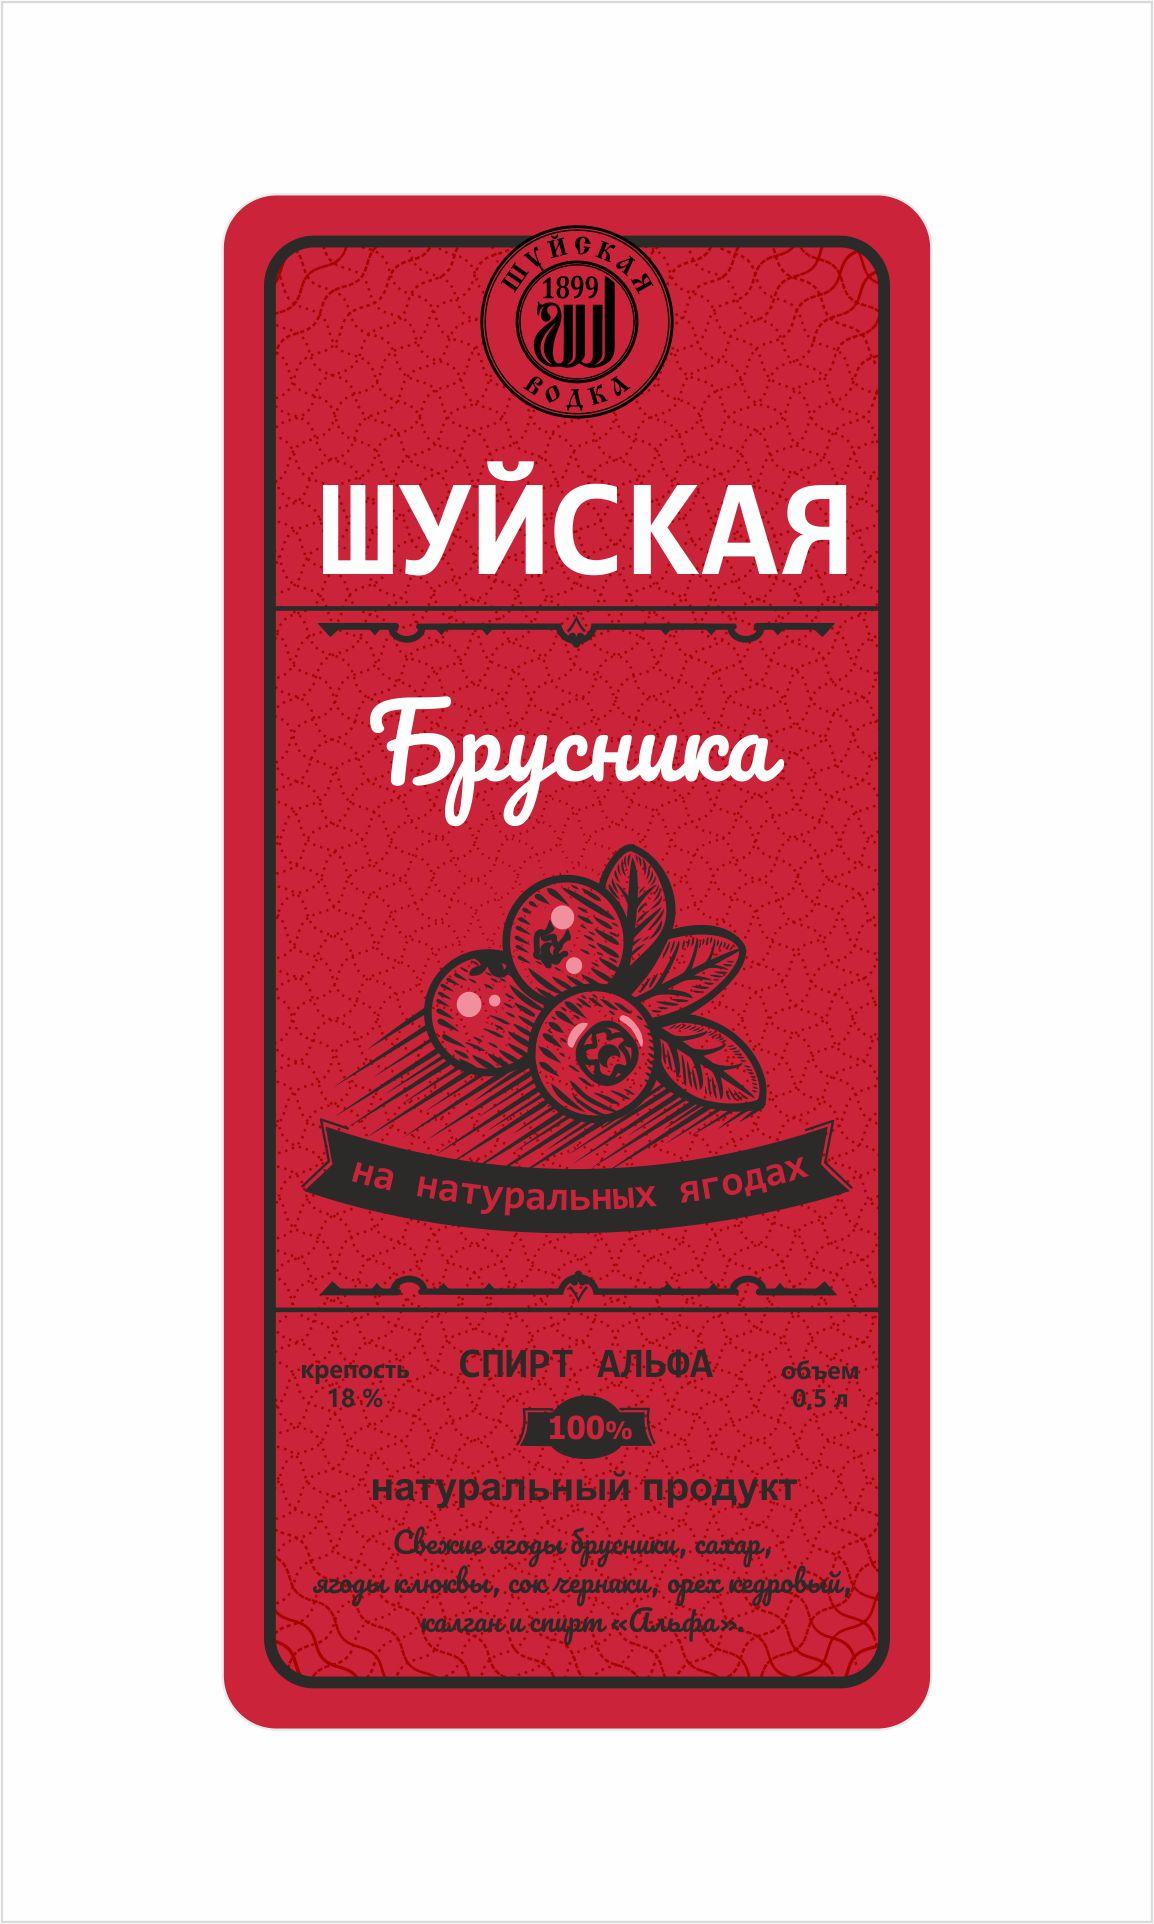 Дизайн этикетки алкогольного продукта (сладкая настойка) фото f_9515f849c56c0816.jpg